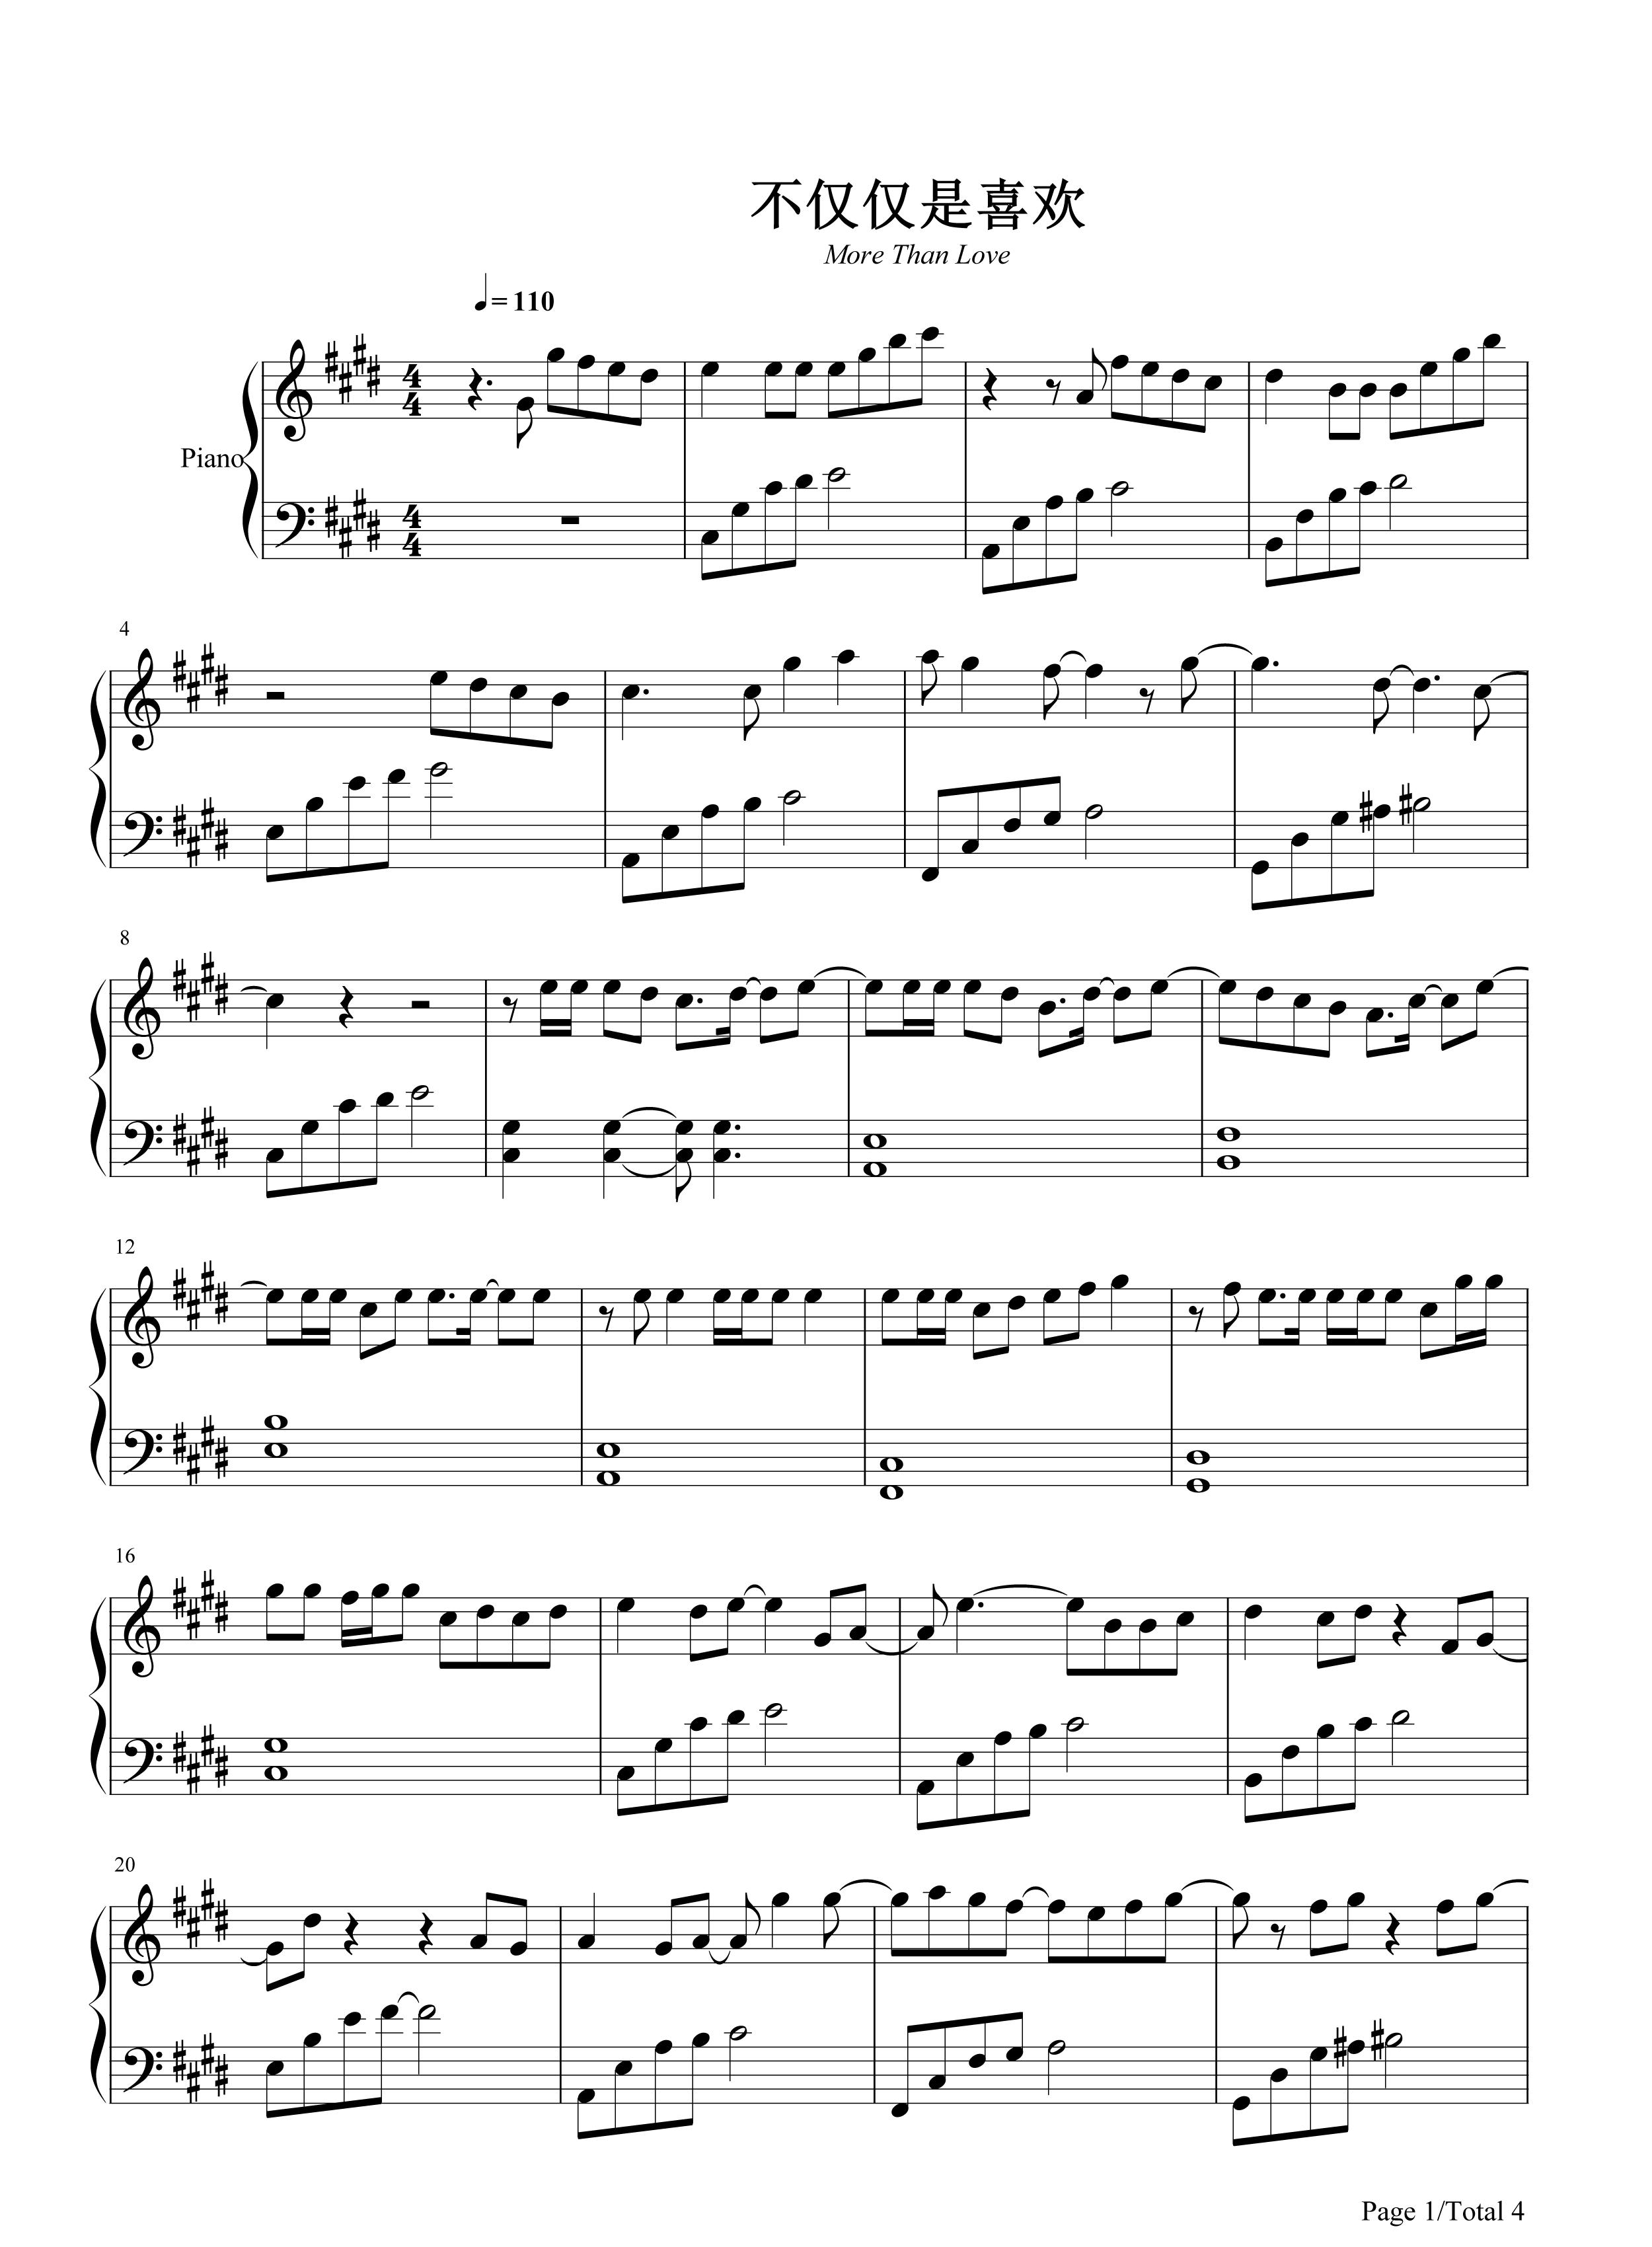 孙语赛不仅仅是喜欢钢琴谱五线谱歌词 歌词大全 表情